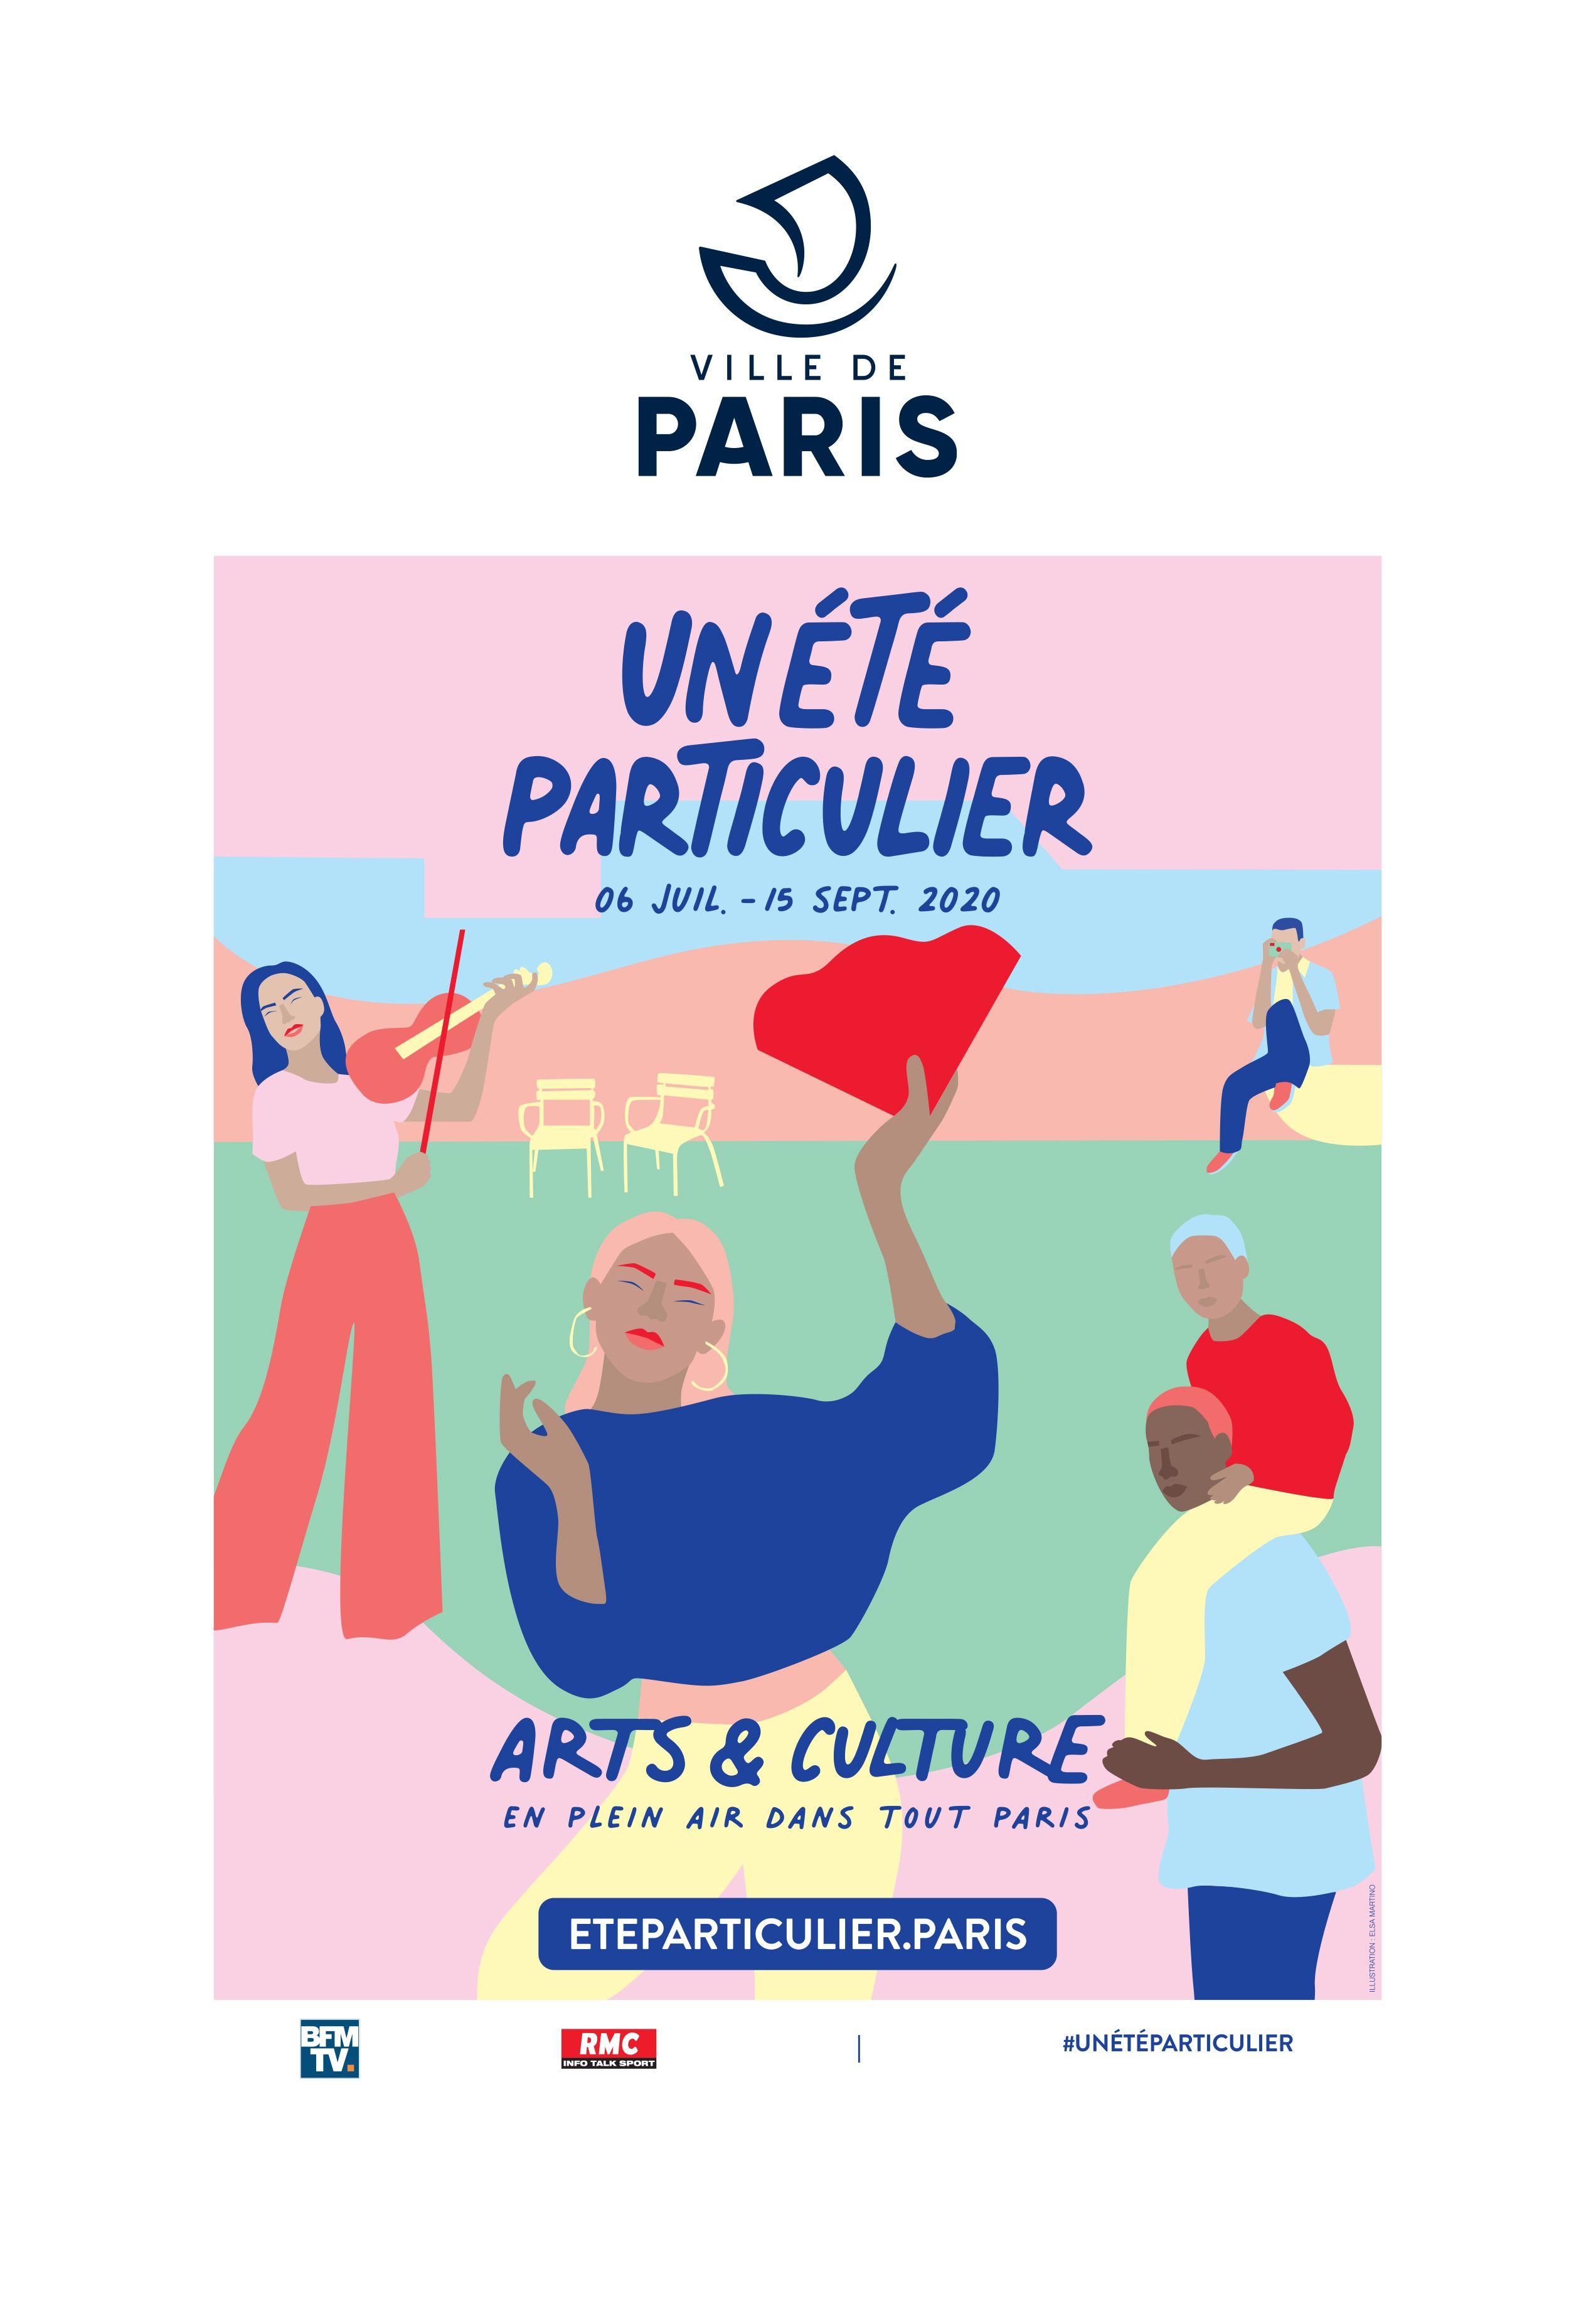 visuel_campagne_communication_affiches_ville_de_paris_plages_lance_un_ete_particulier_programme_estival_2020_animation_pour_parisiens_parisiennes_arts_et_culture_soir_lafourmi